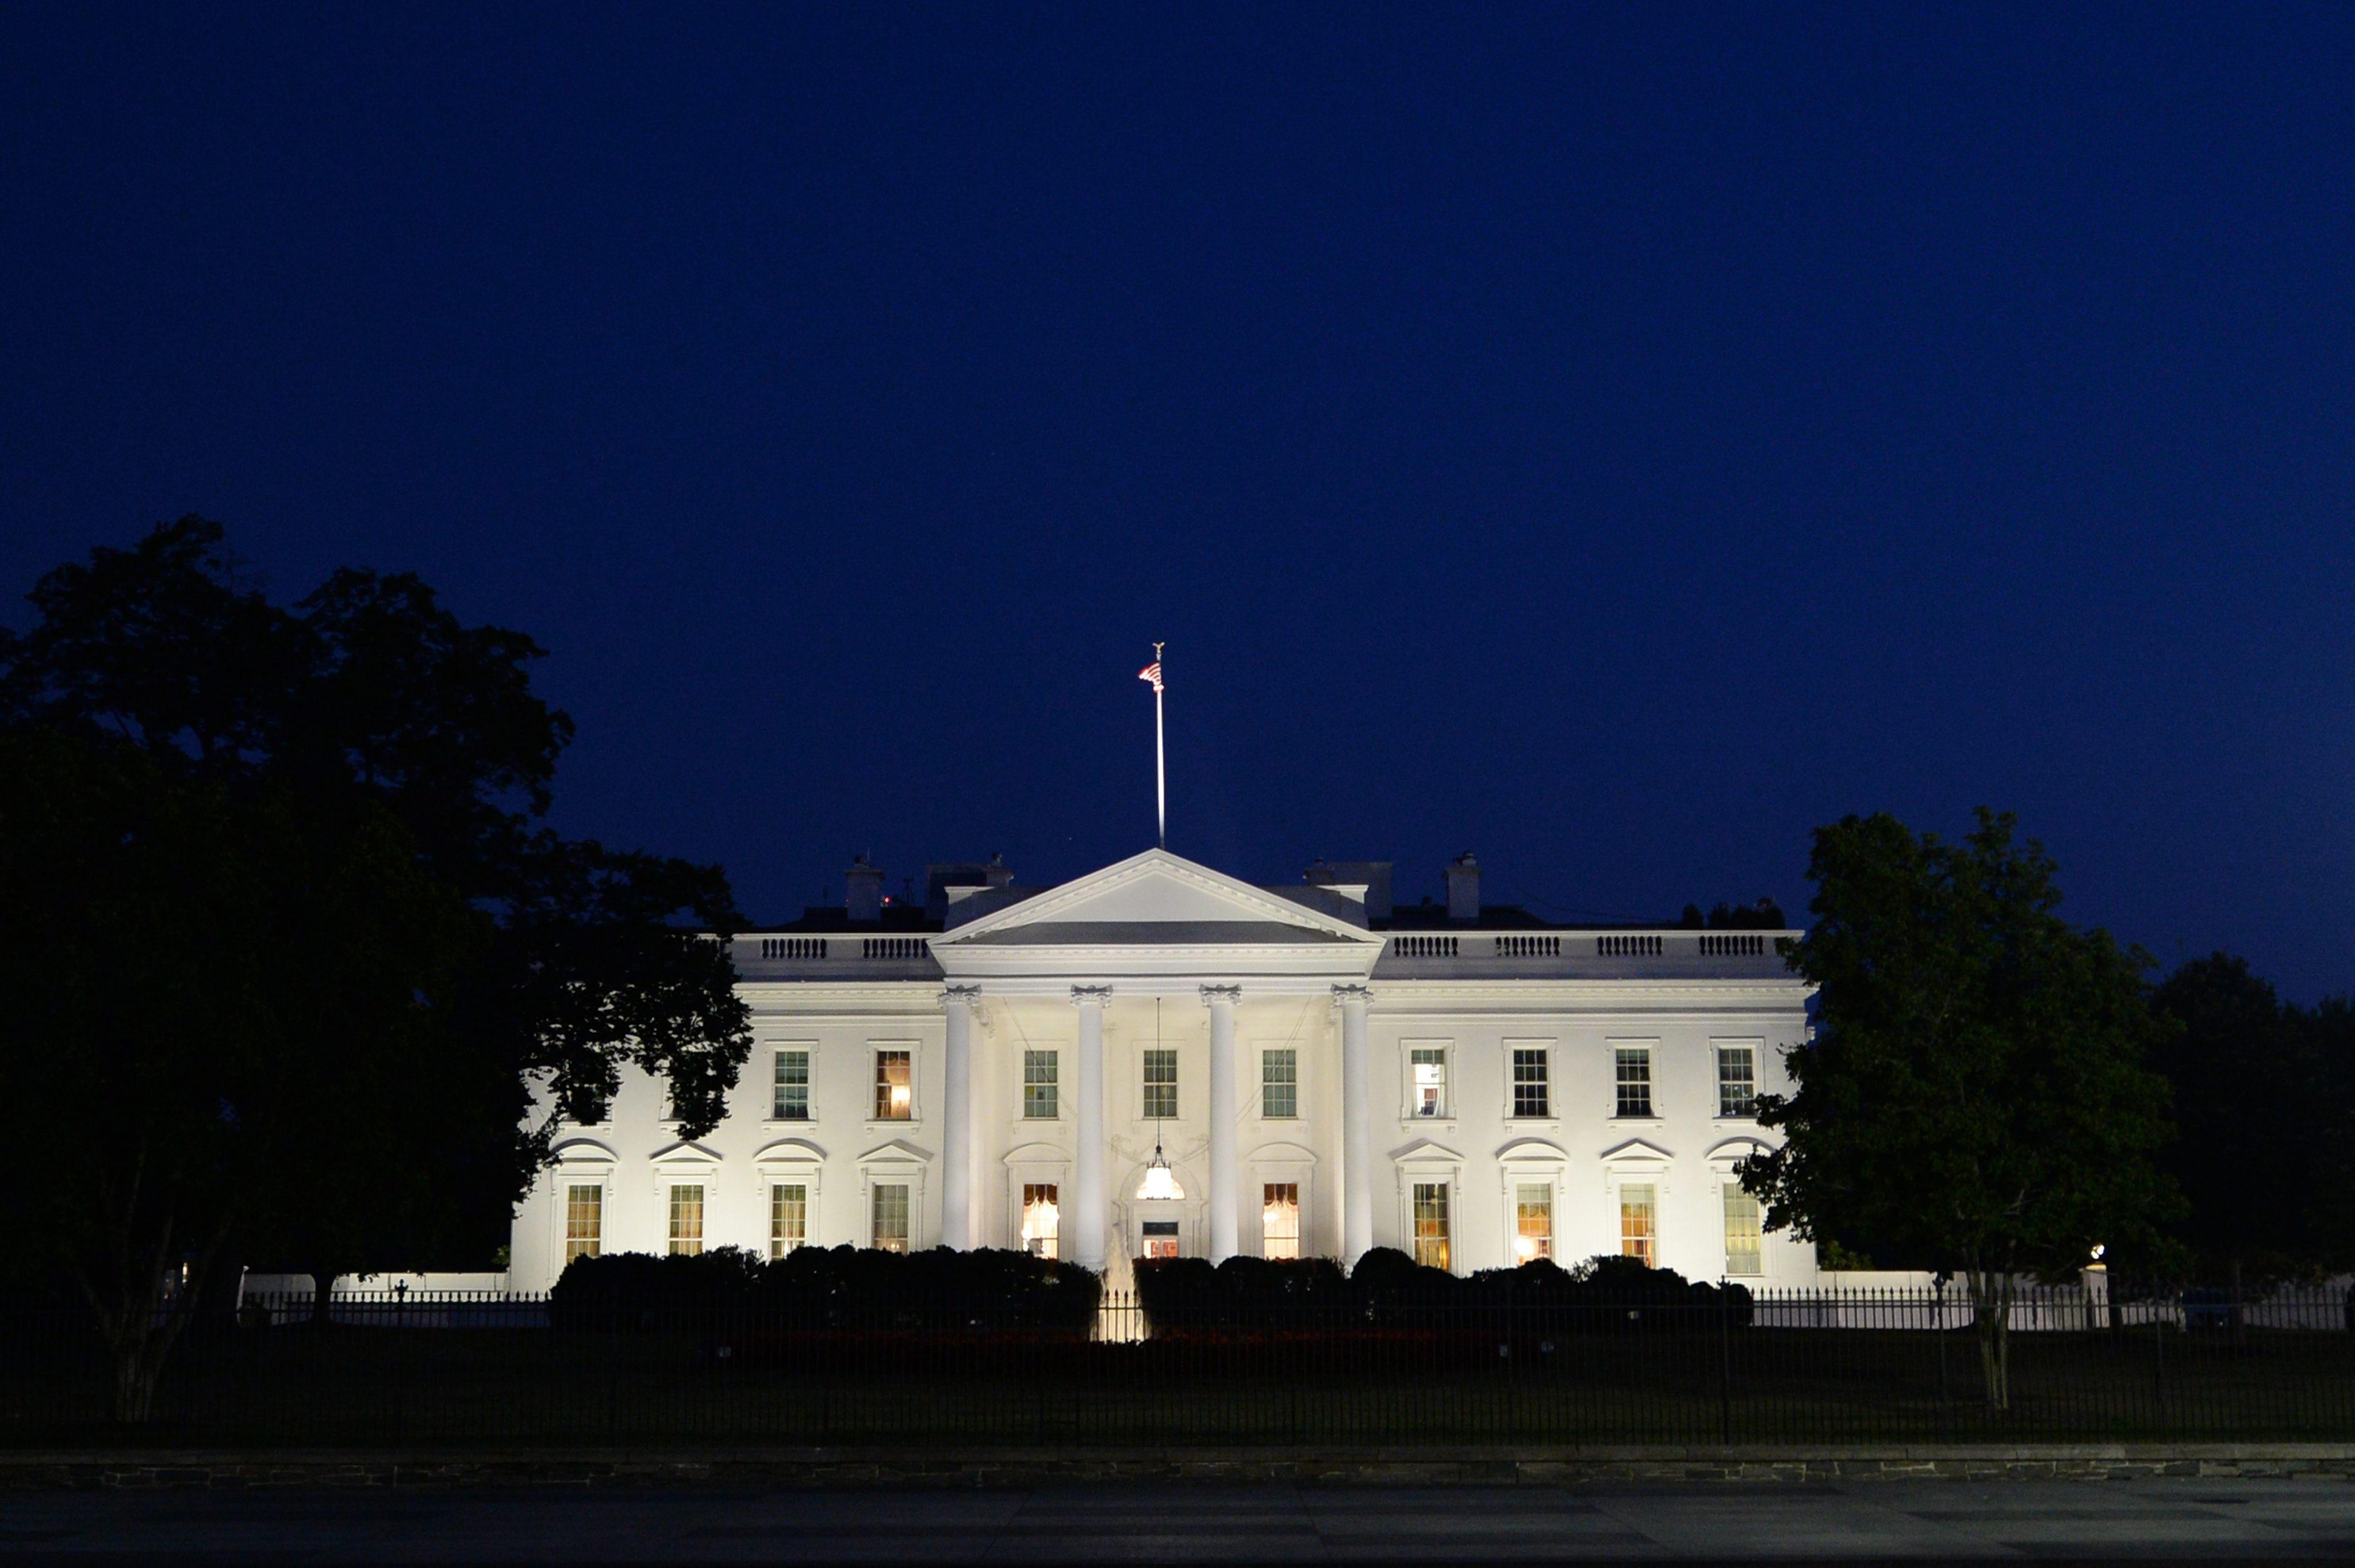 El joven que disparó contra la Casa Blanca se declara culpable de terrorismo